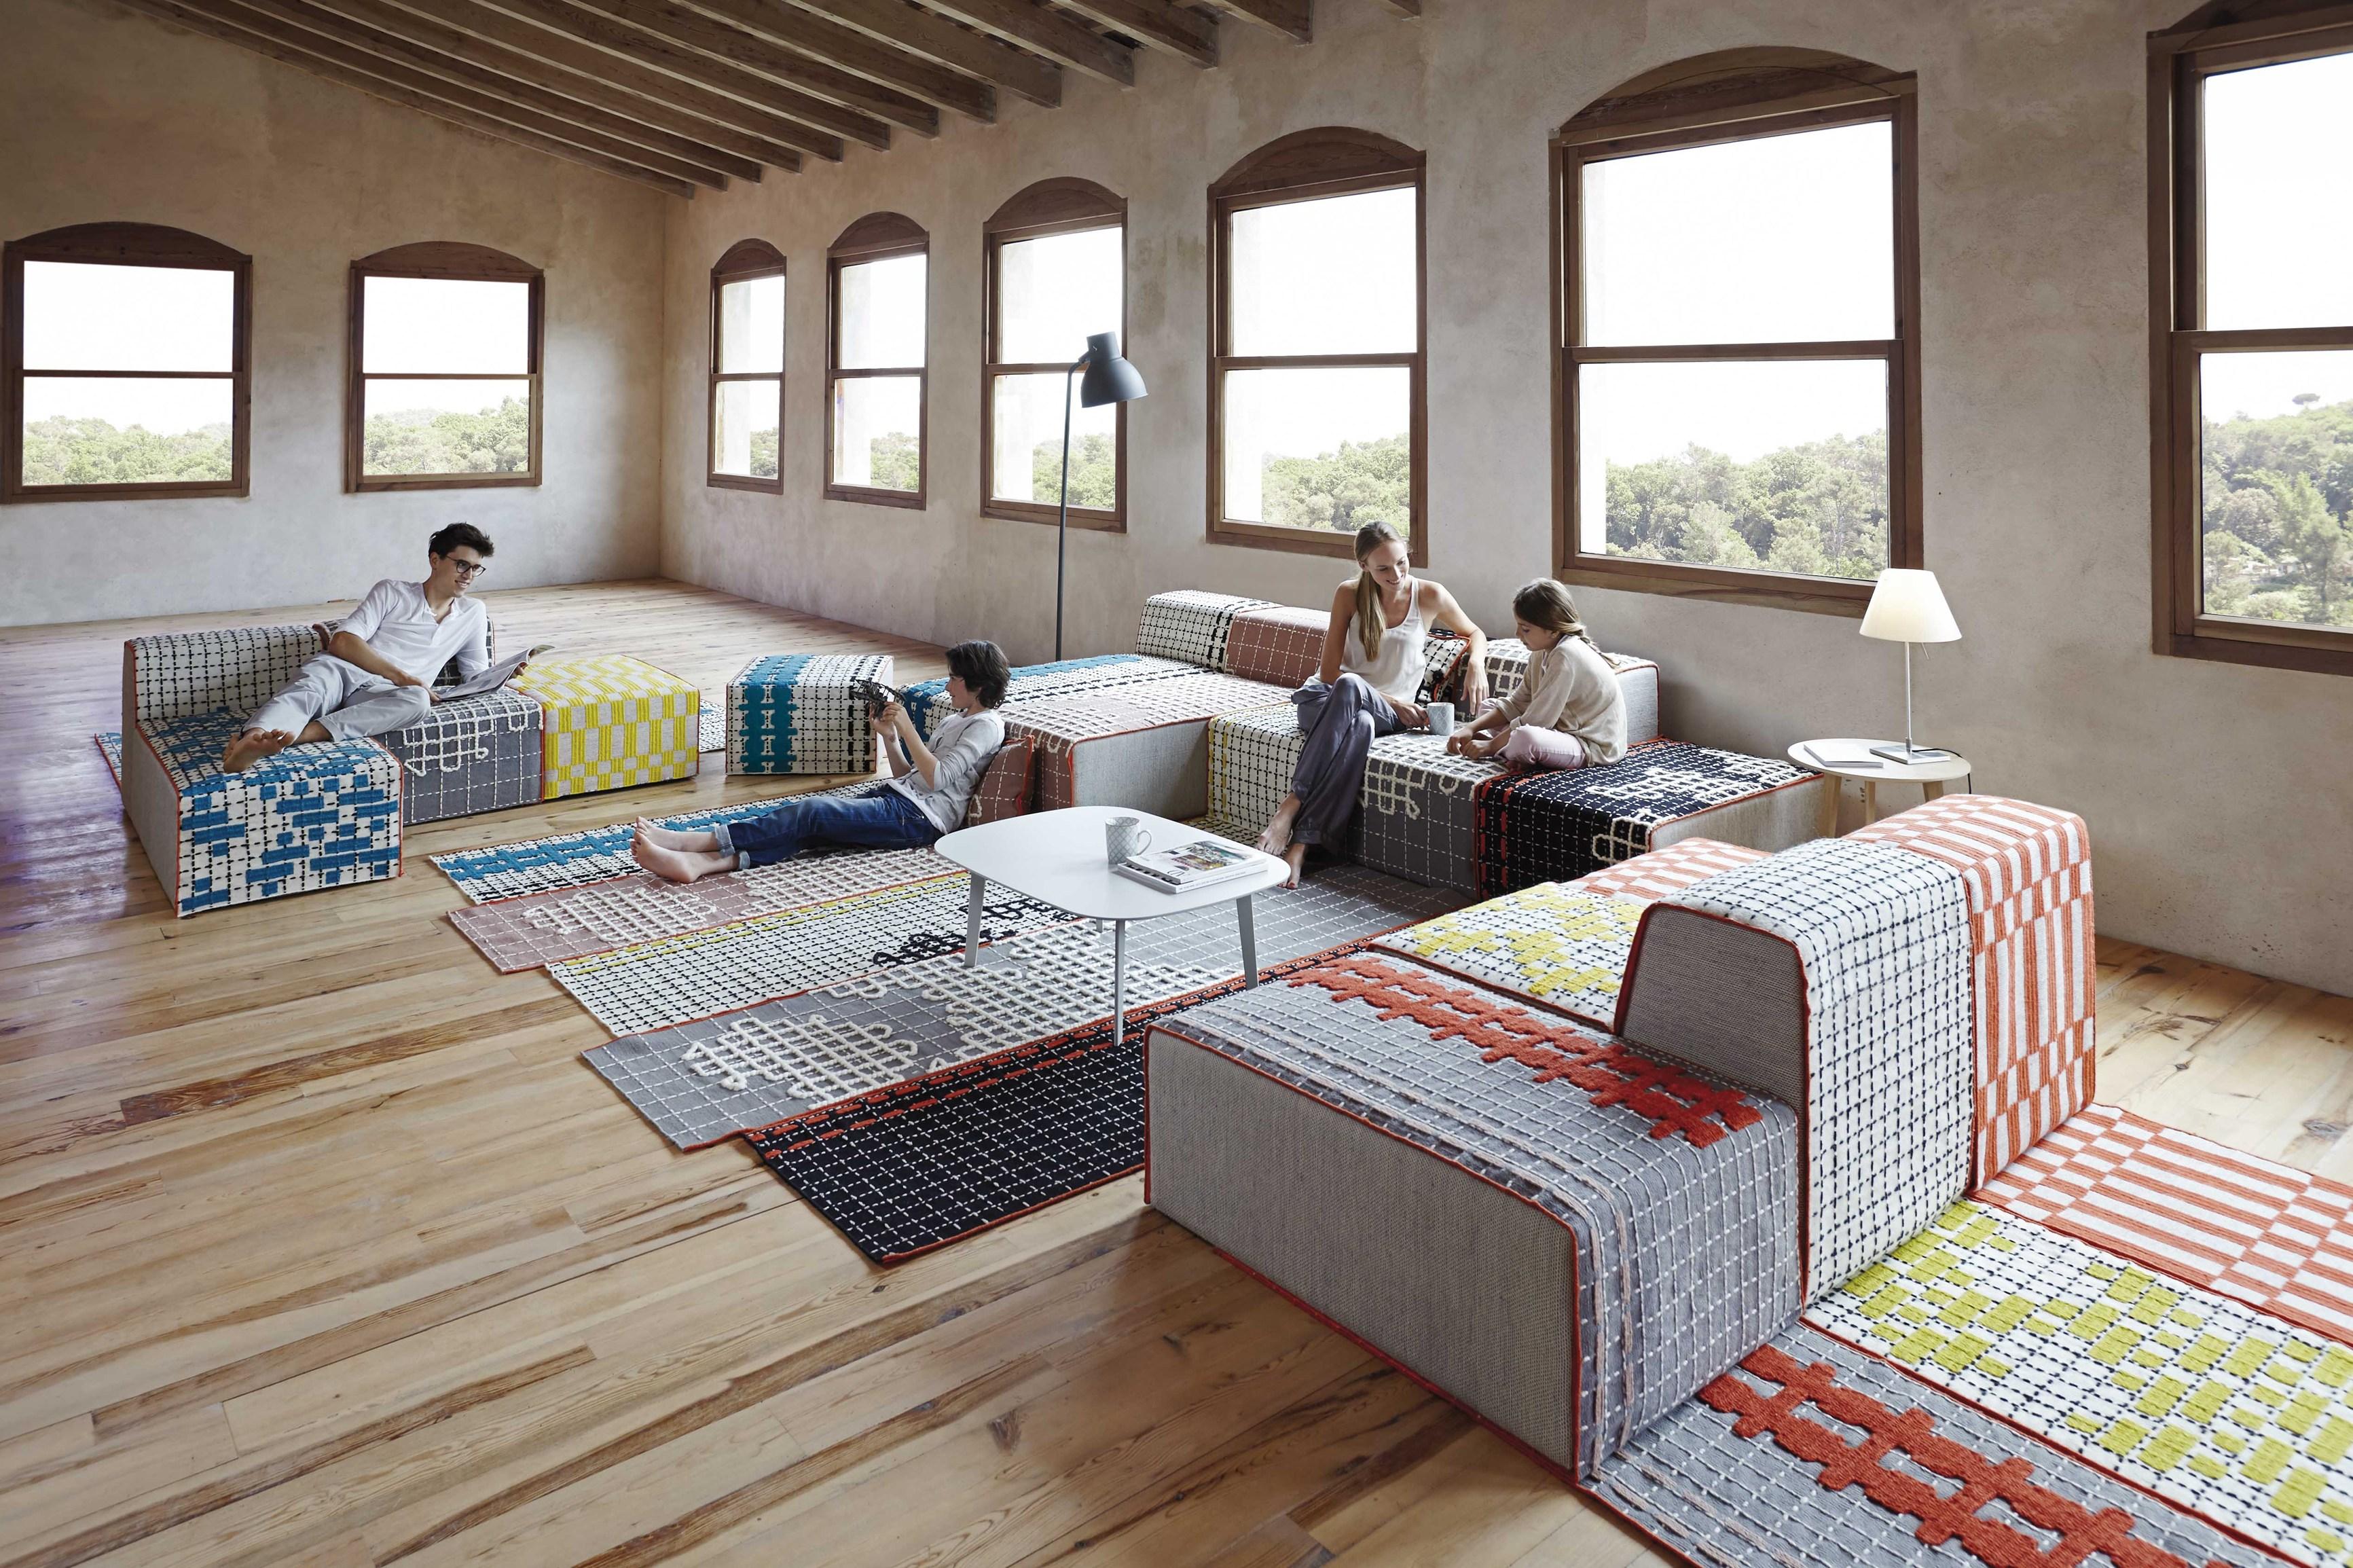 BANDAS-E-Lounge-chair-GAN-By-Gandia-Blasco-176110-rel8c17bb09